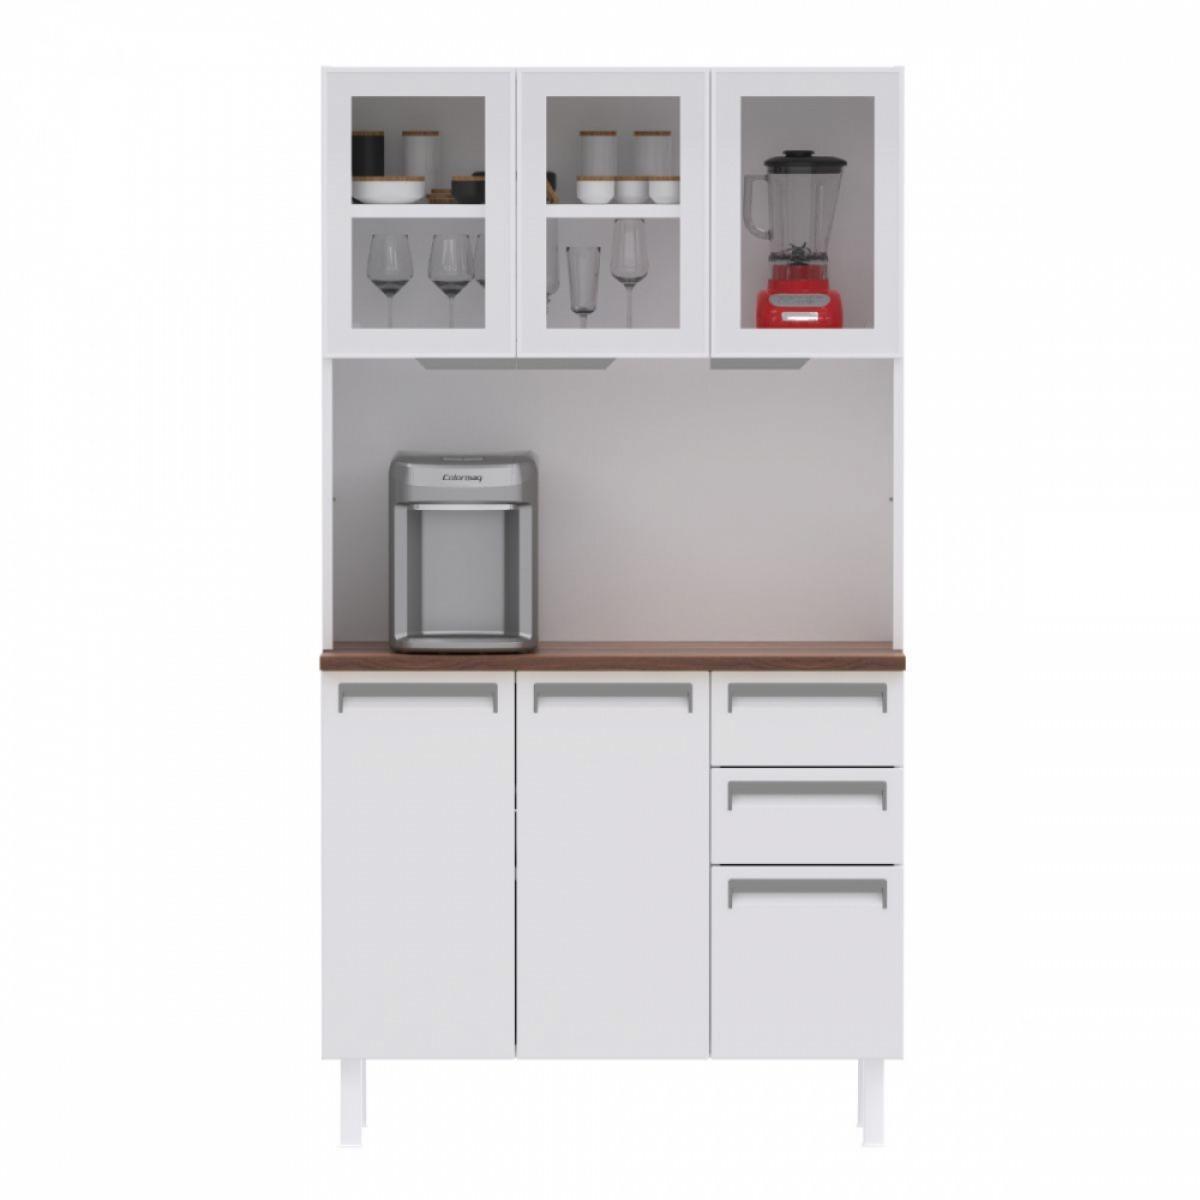 Kit de Cozinha Colormaq Roma 5 Portas, 2 Gavetas e 1 Gavetão em Aço e Vidro {{add_nome}}